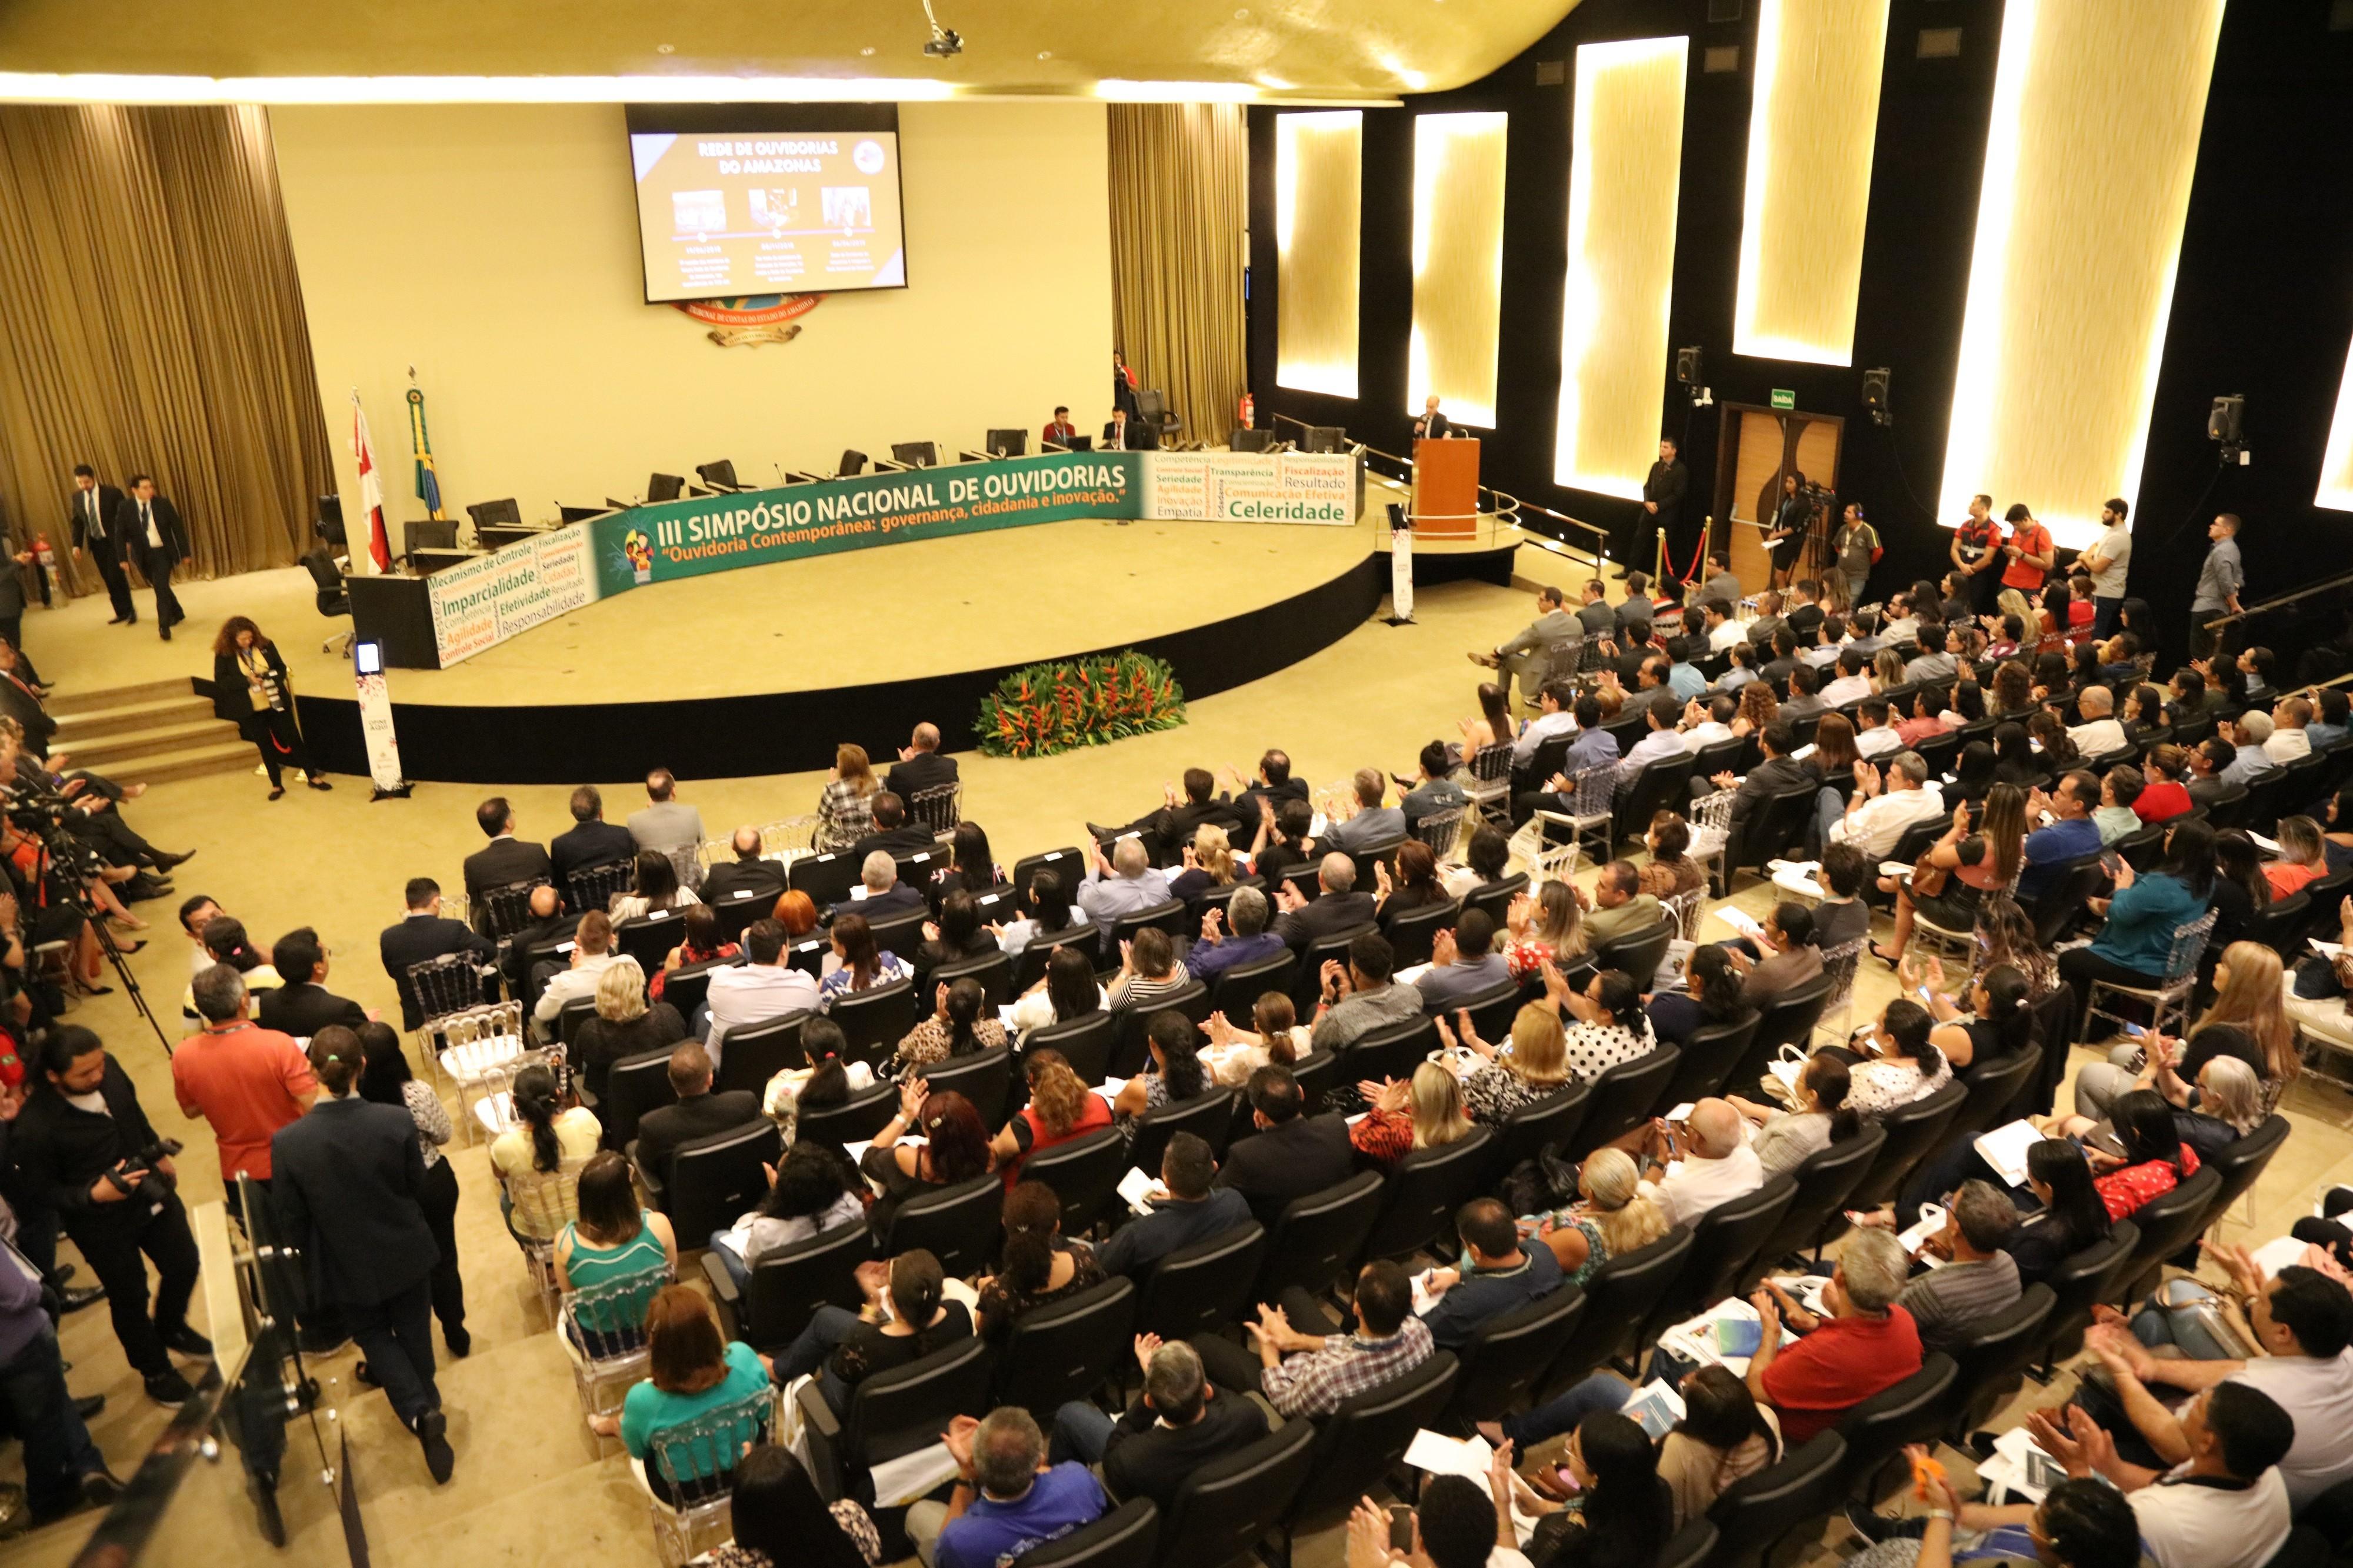 Com debates sobre papel da Ouvidoria contemporânea, Simpósio Nacional reúne 800 participantes no TCE-AM - Notícias - Plantão Diário